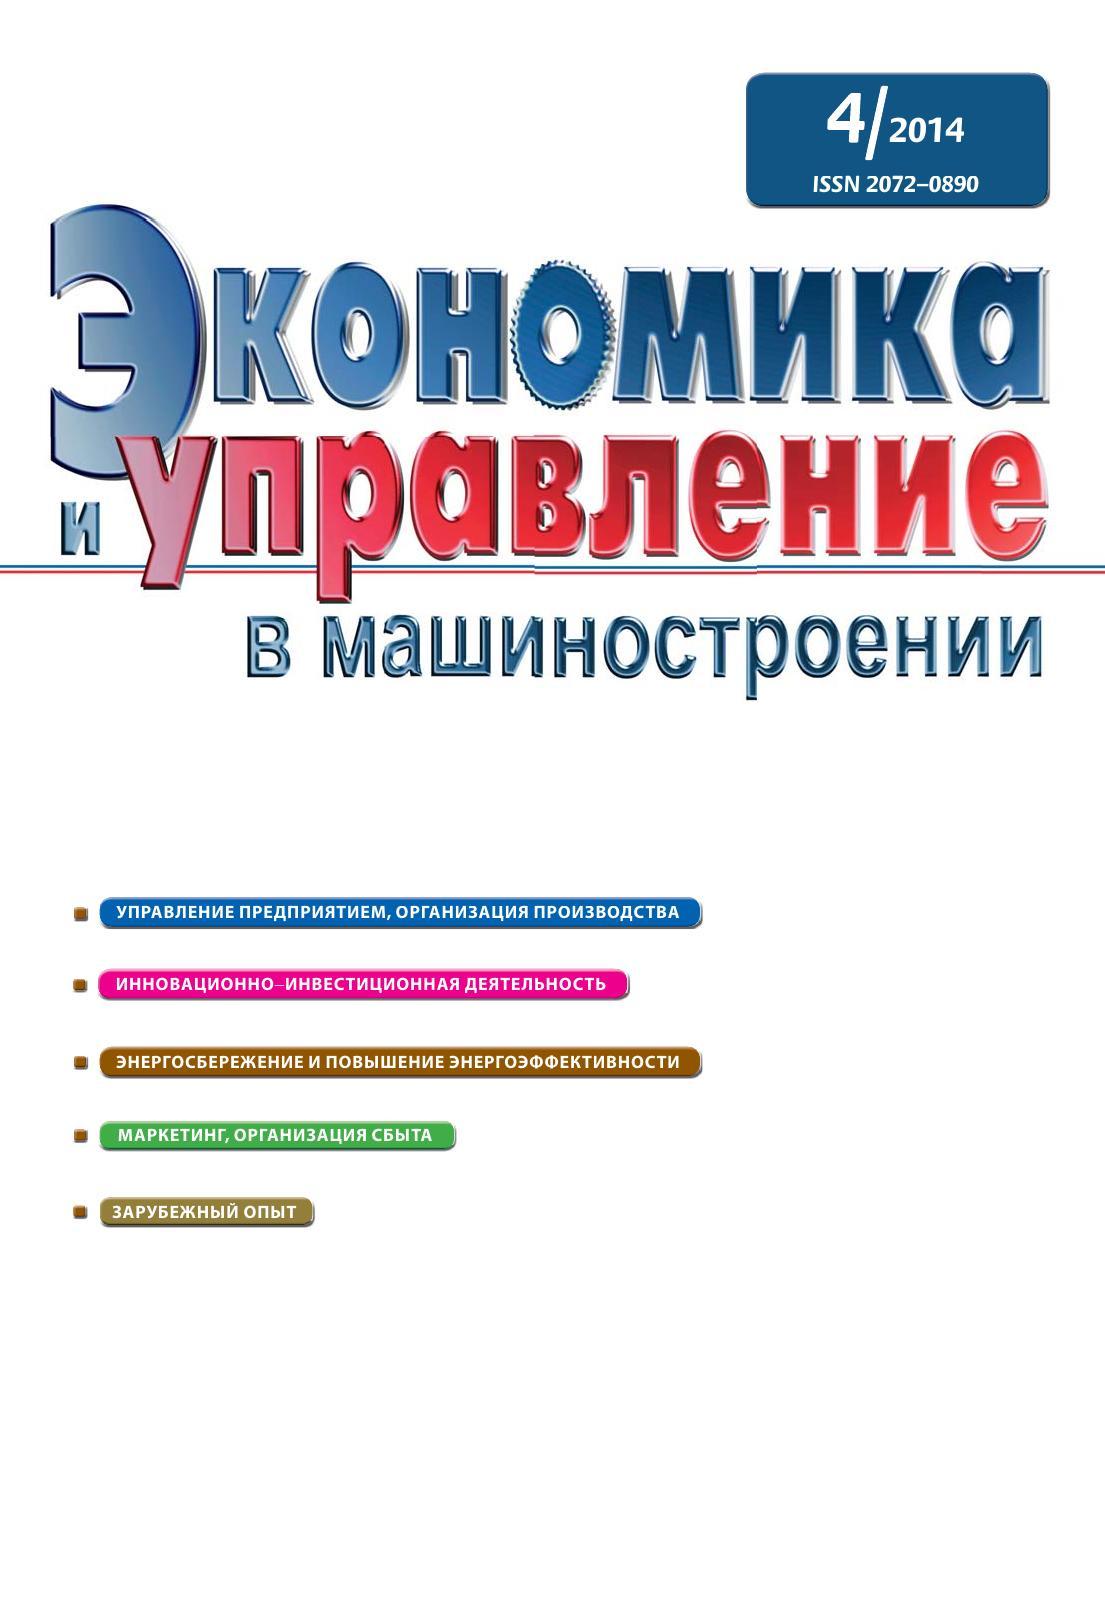 сборник Экономика и управление в машиностроении. № 4 сборник экономика и управление в машиностроении 6 декабрь 2014